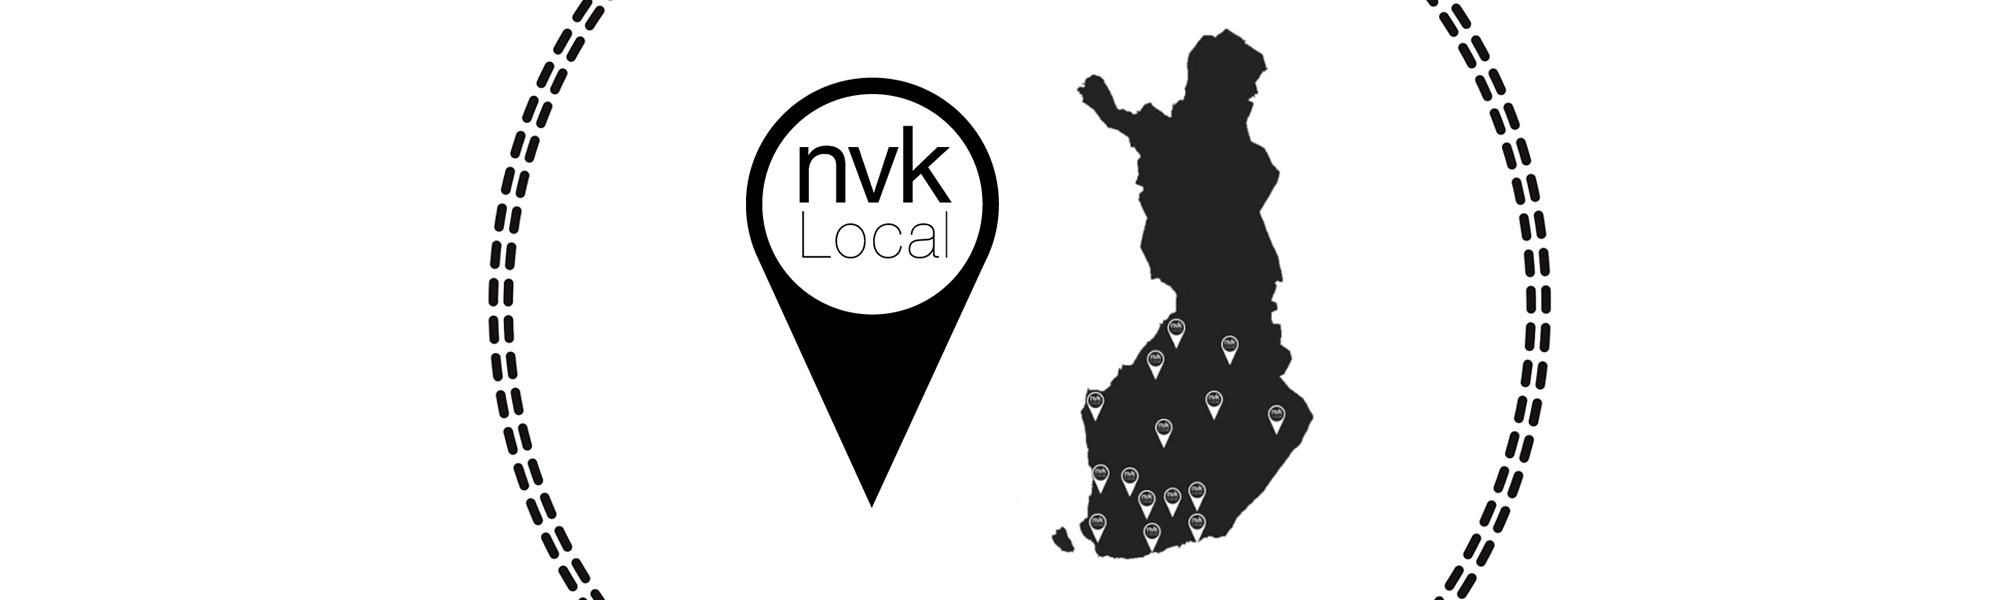 nvk_locali_header